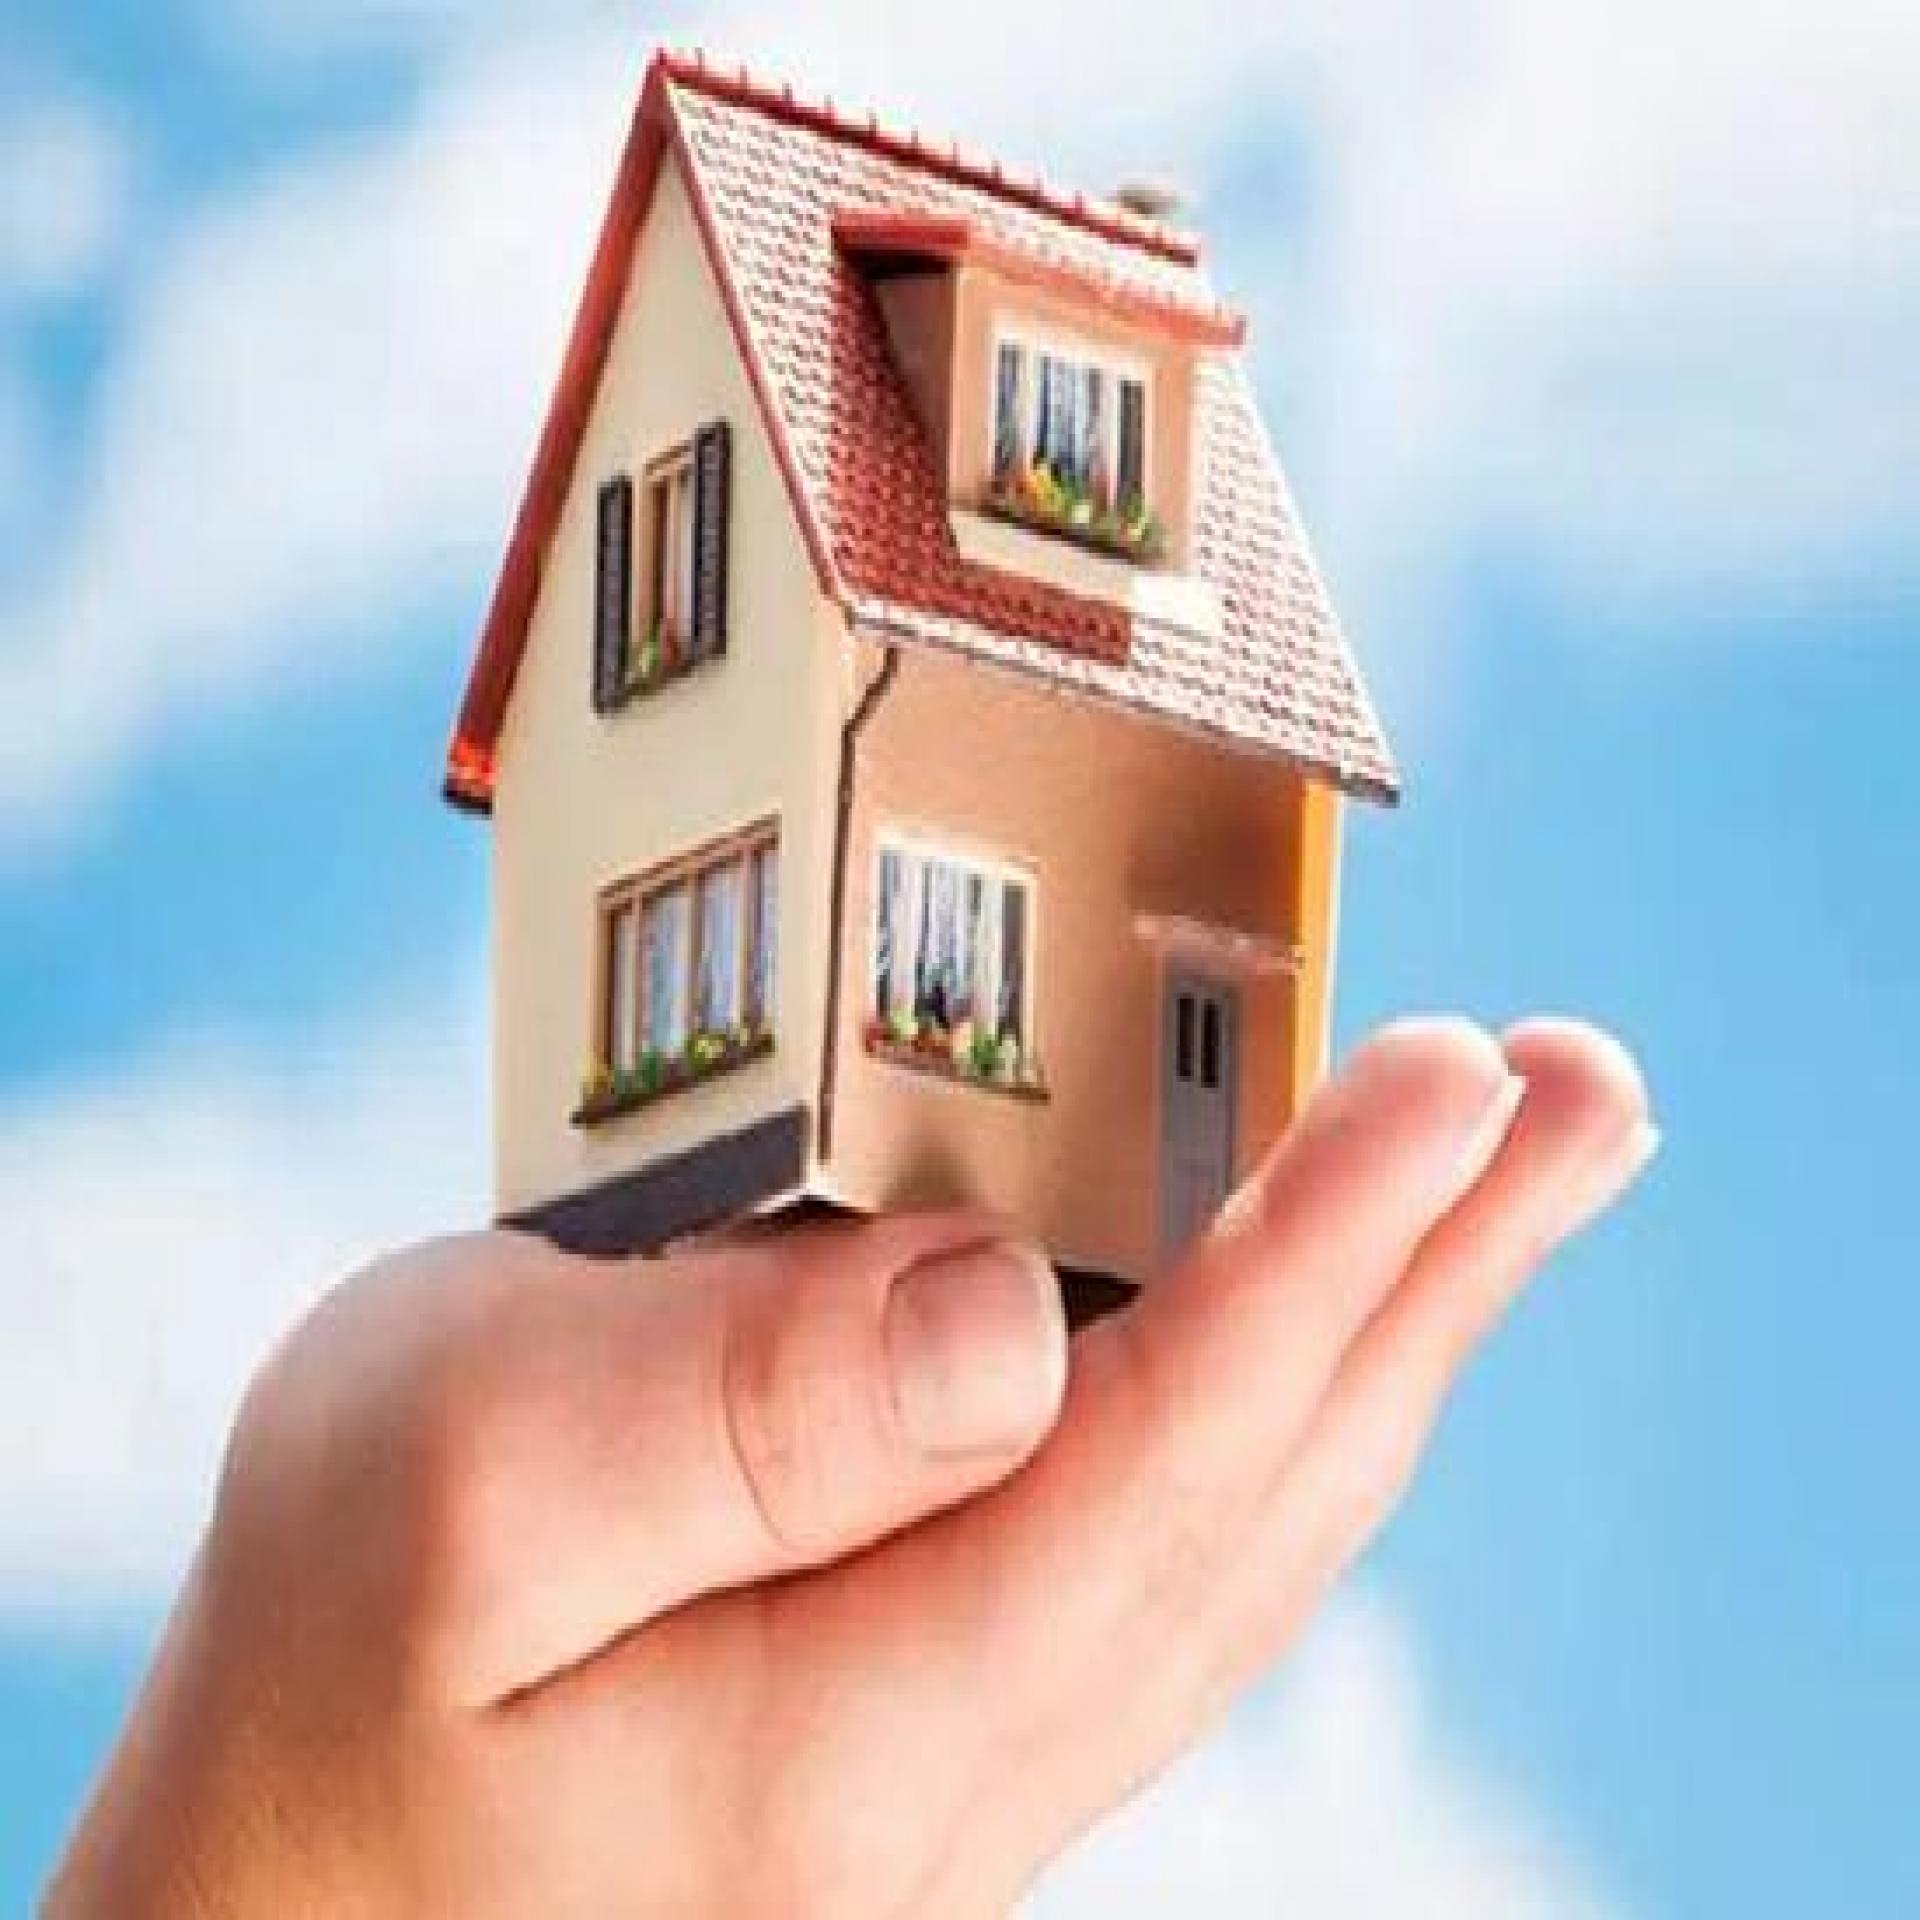 房屋租赁中出租人的责任有哪些?